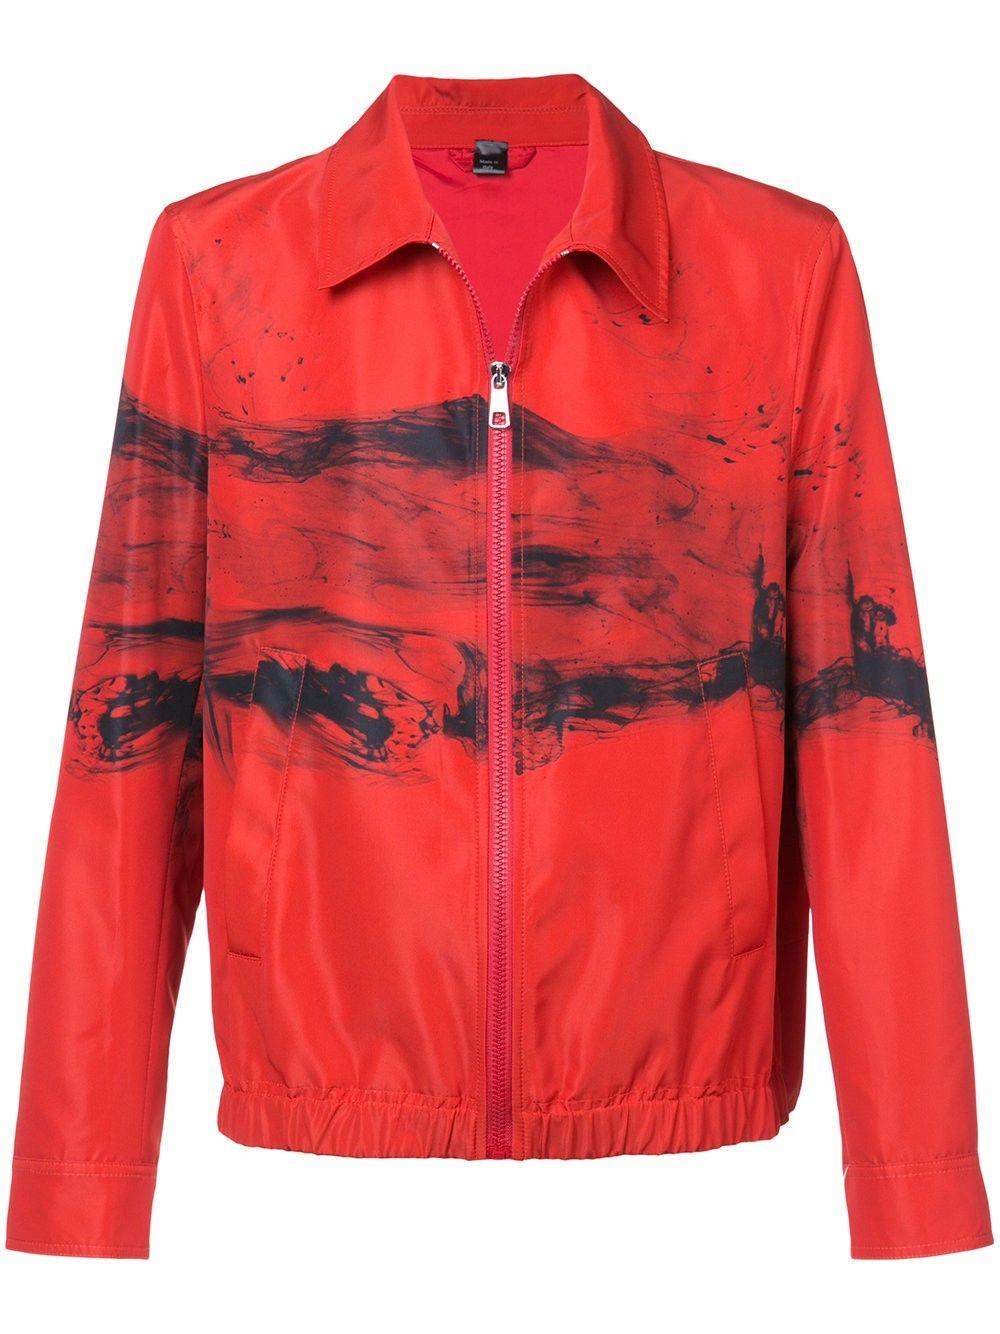 3c81084373f7e Neil Barrett Abstract Print Jacket - Xxxl Red